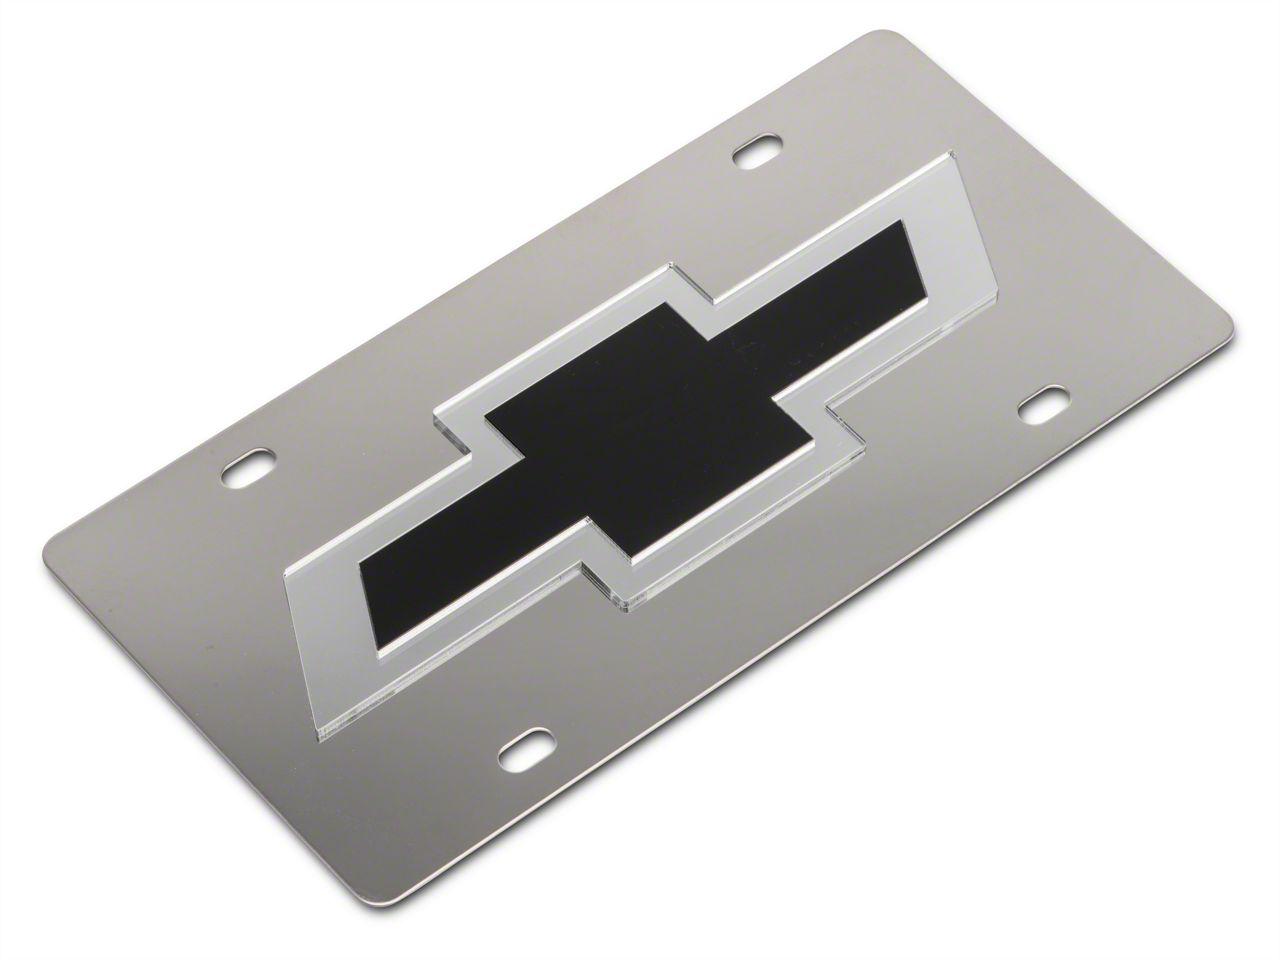 SpeedForm Stainless Steel License Plate w/ Black Bowtie Logo (99-18 Silverado 1500)